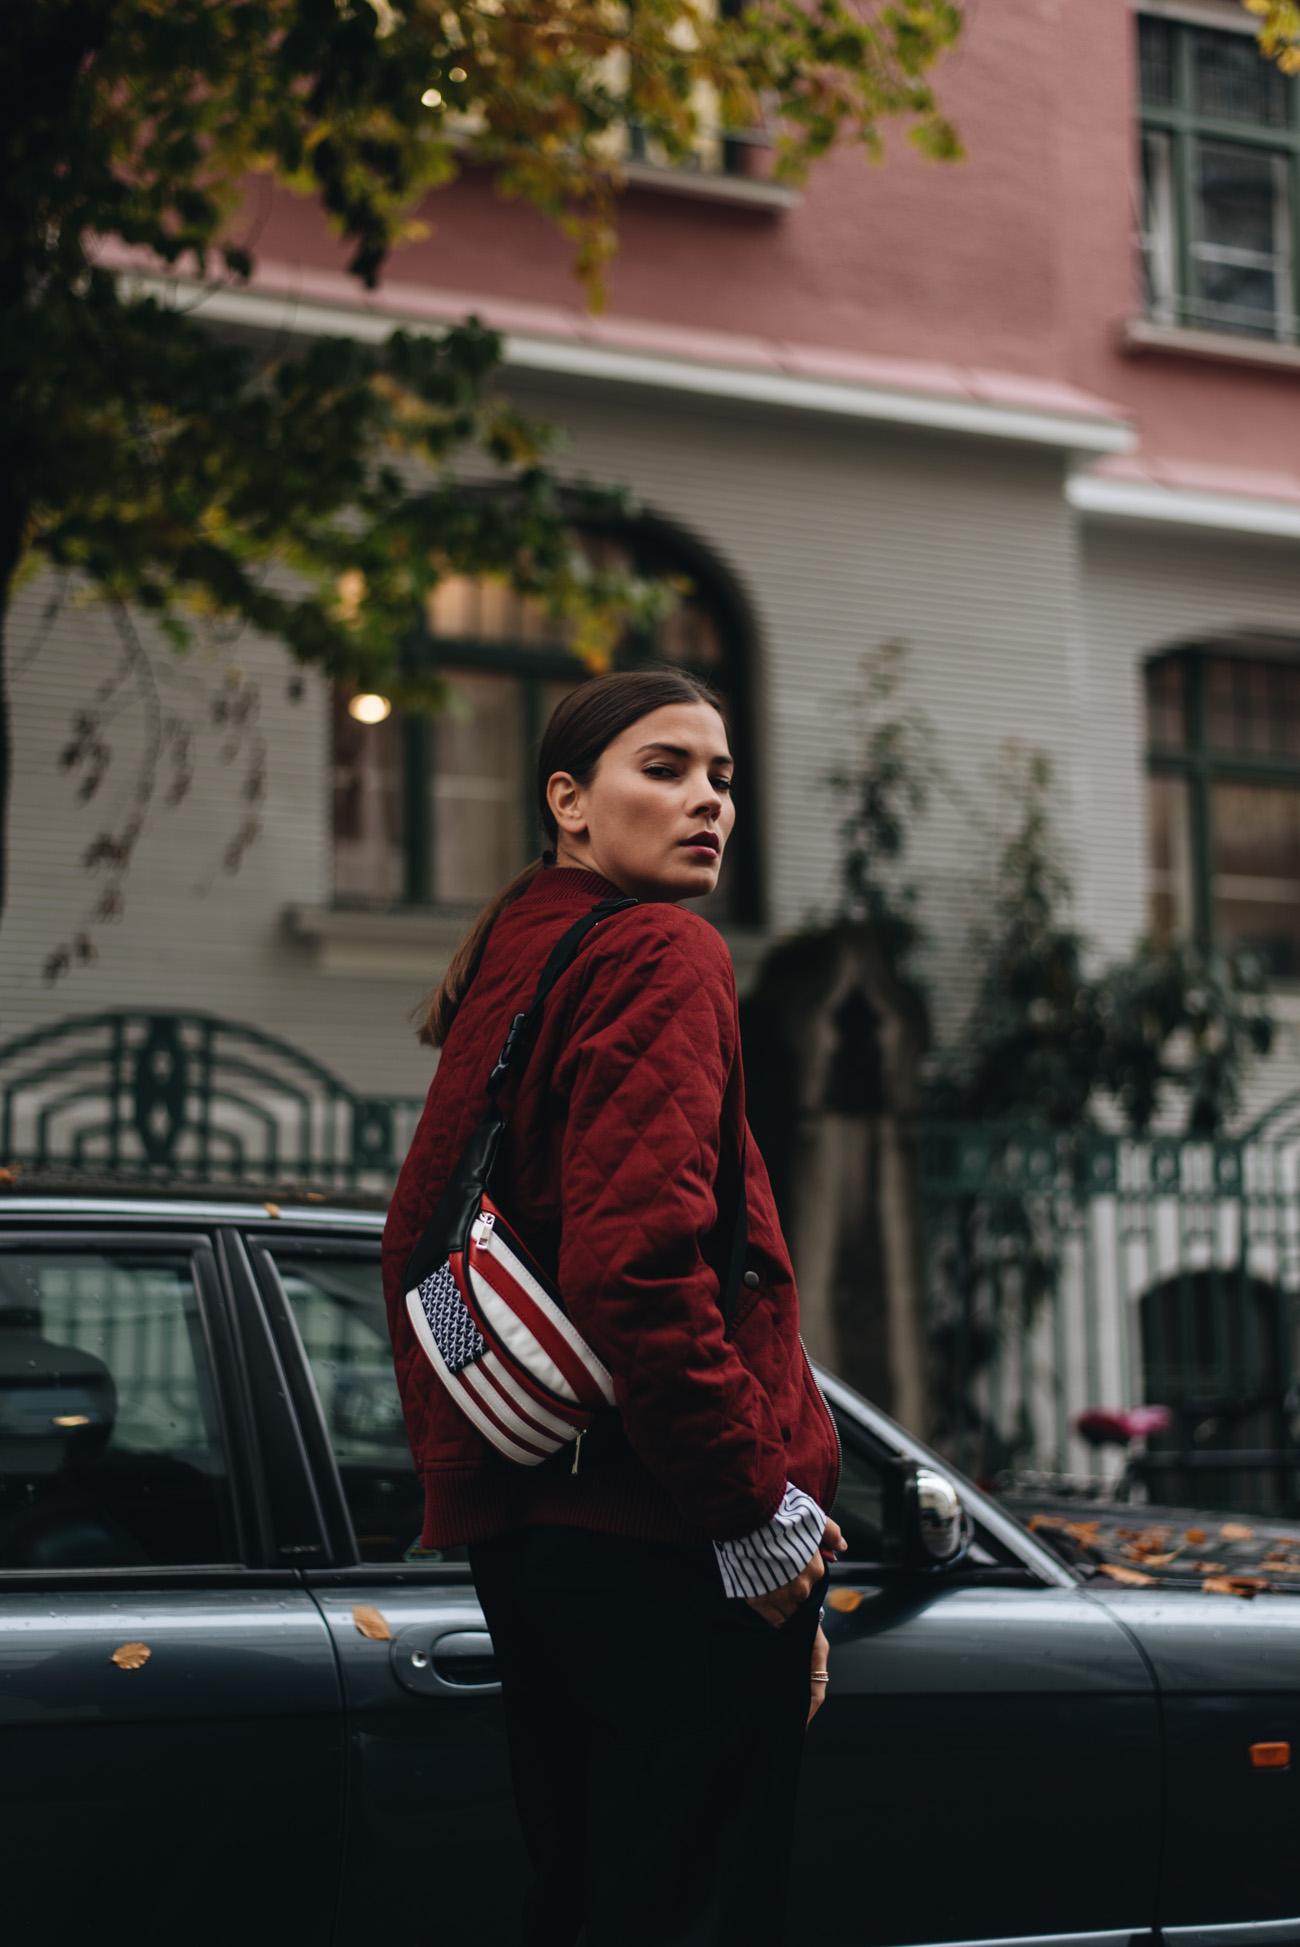 Bauchtasche-amerikanische-flagge-Nina-Schwichtenberg-mode-bloggerin-luxus-high-end-hochwertig-qualität-deutschland-münchen-fashiioncarpet